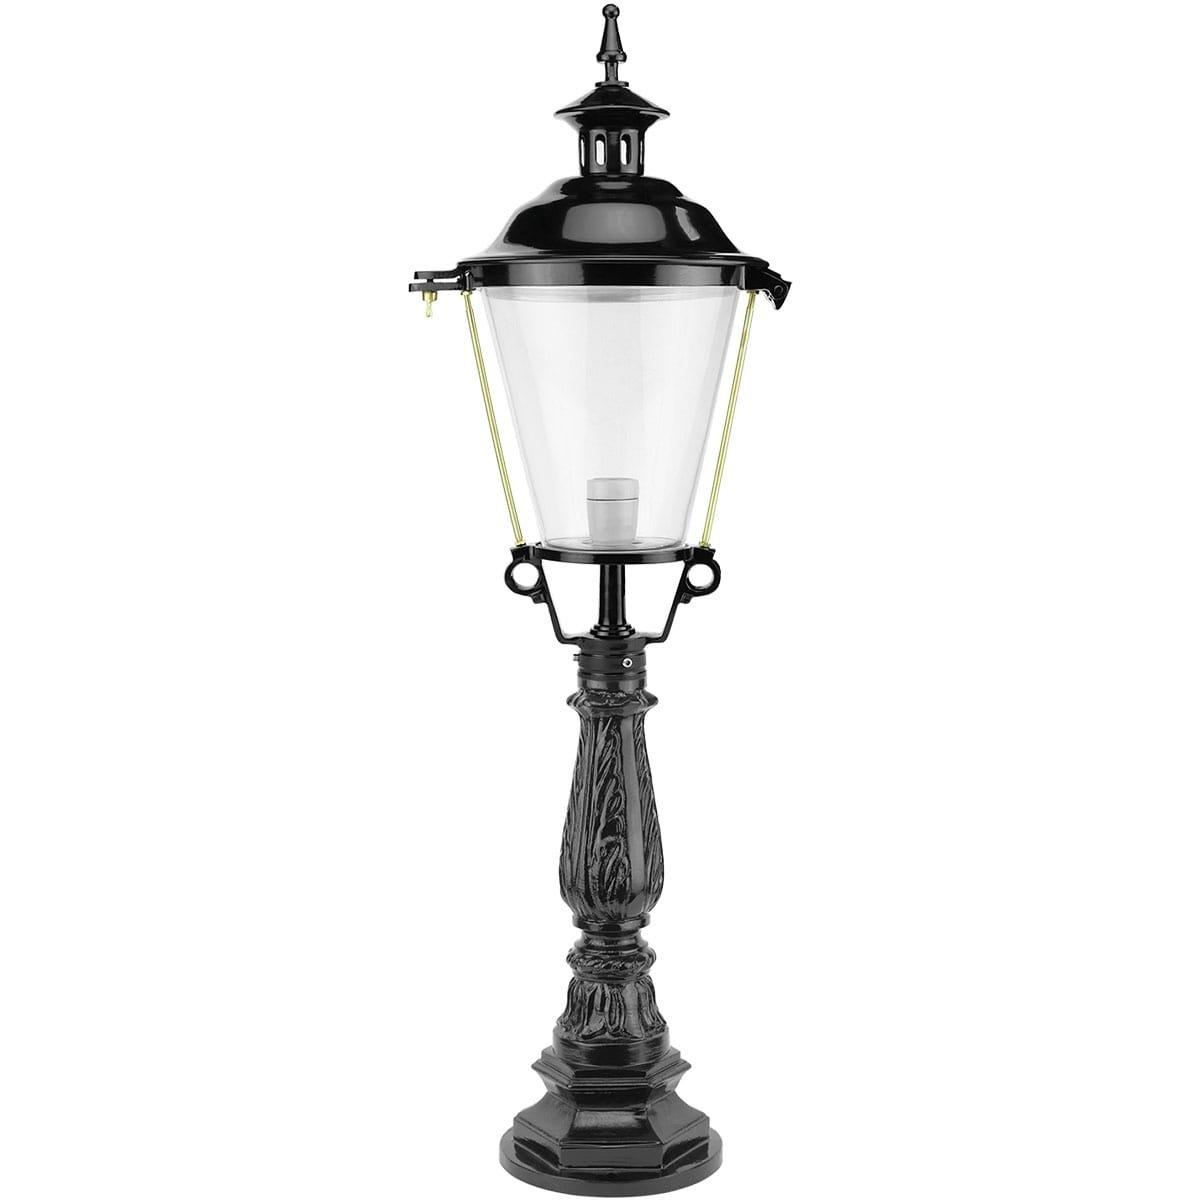 Buitenverlichting Klassiek Landelijk Buitenlamp staande Gouda - 105 cm